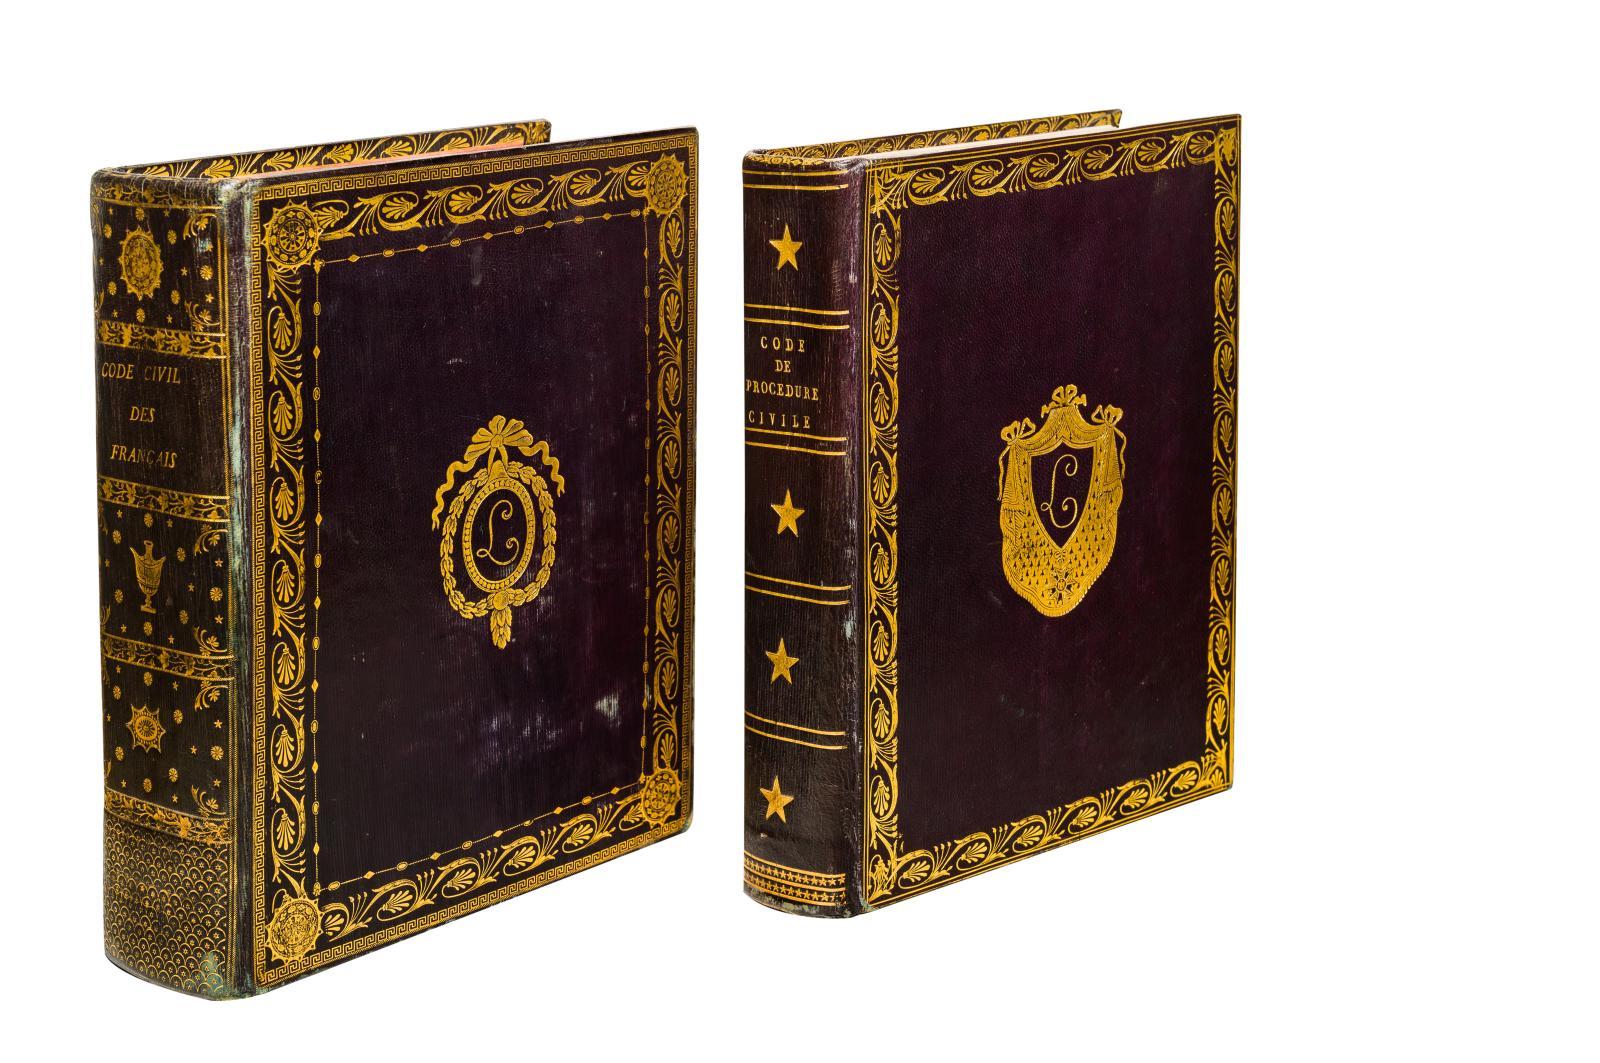 Code civil des Français, Code de procédure civile, Paris, imprimerie de la République, 1804-1806, reliure au chiffre de Charles-François Lebrun(1739-